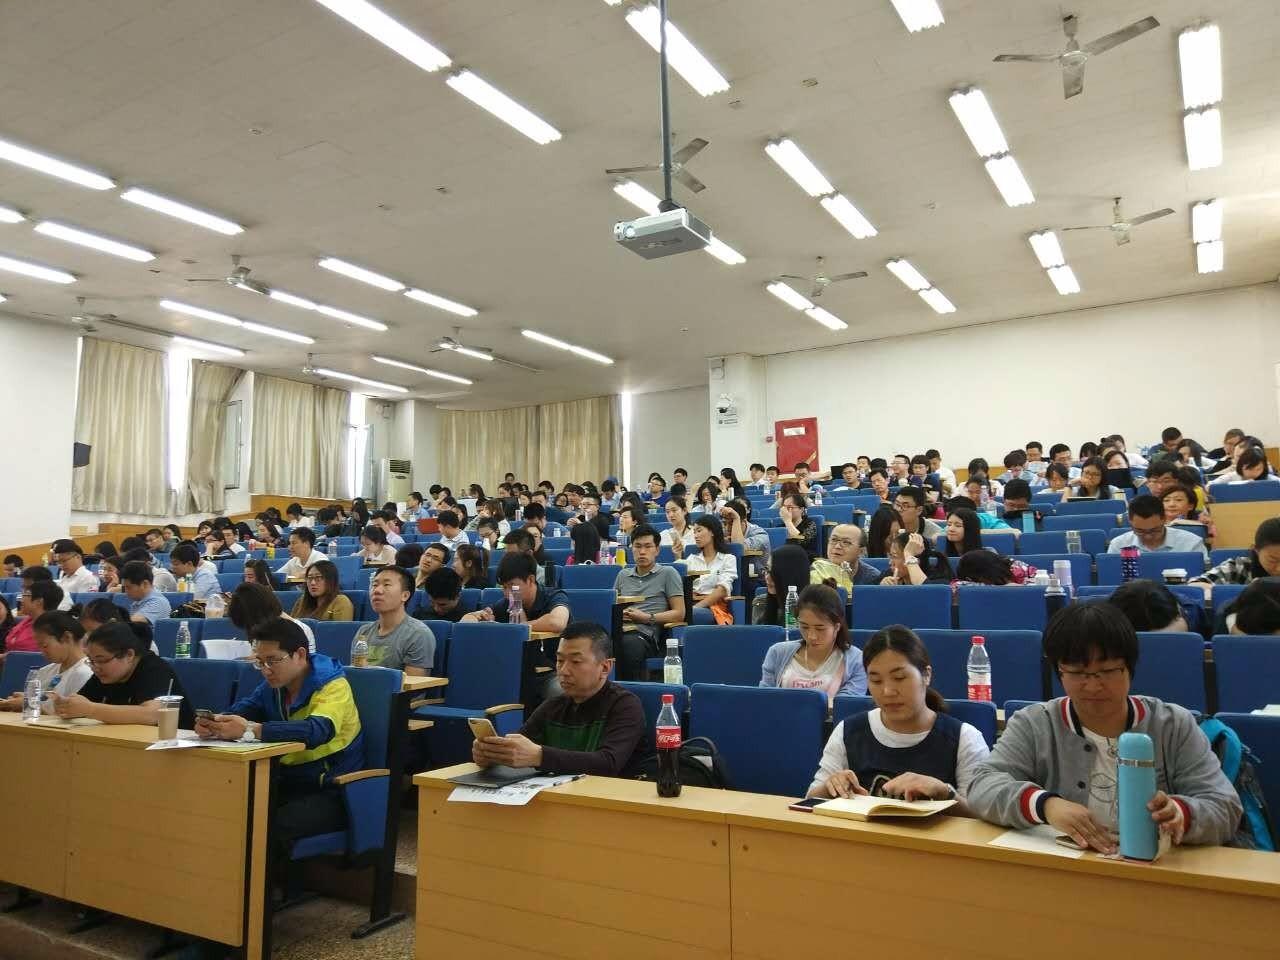 对外经济贸易大学学员上课风采